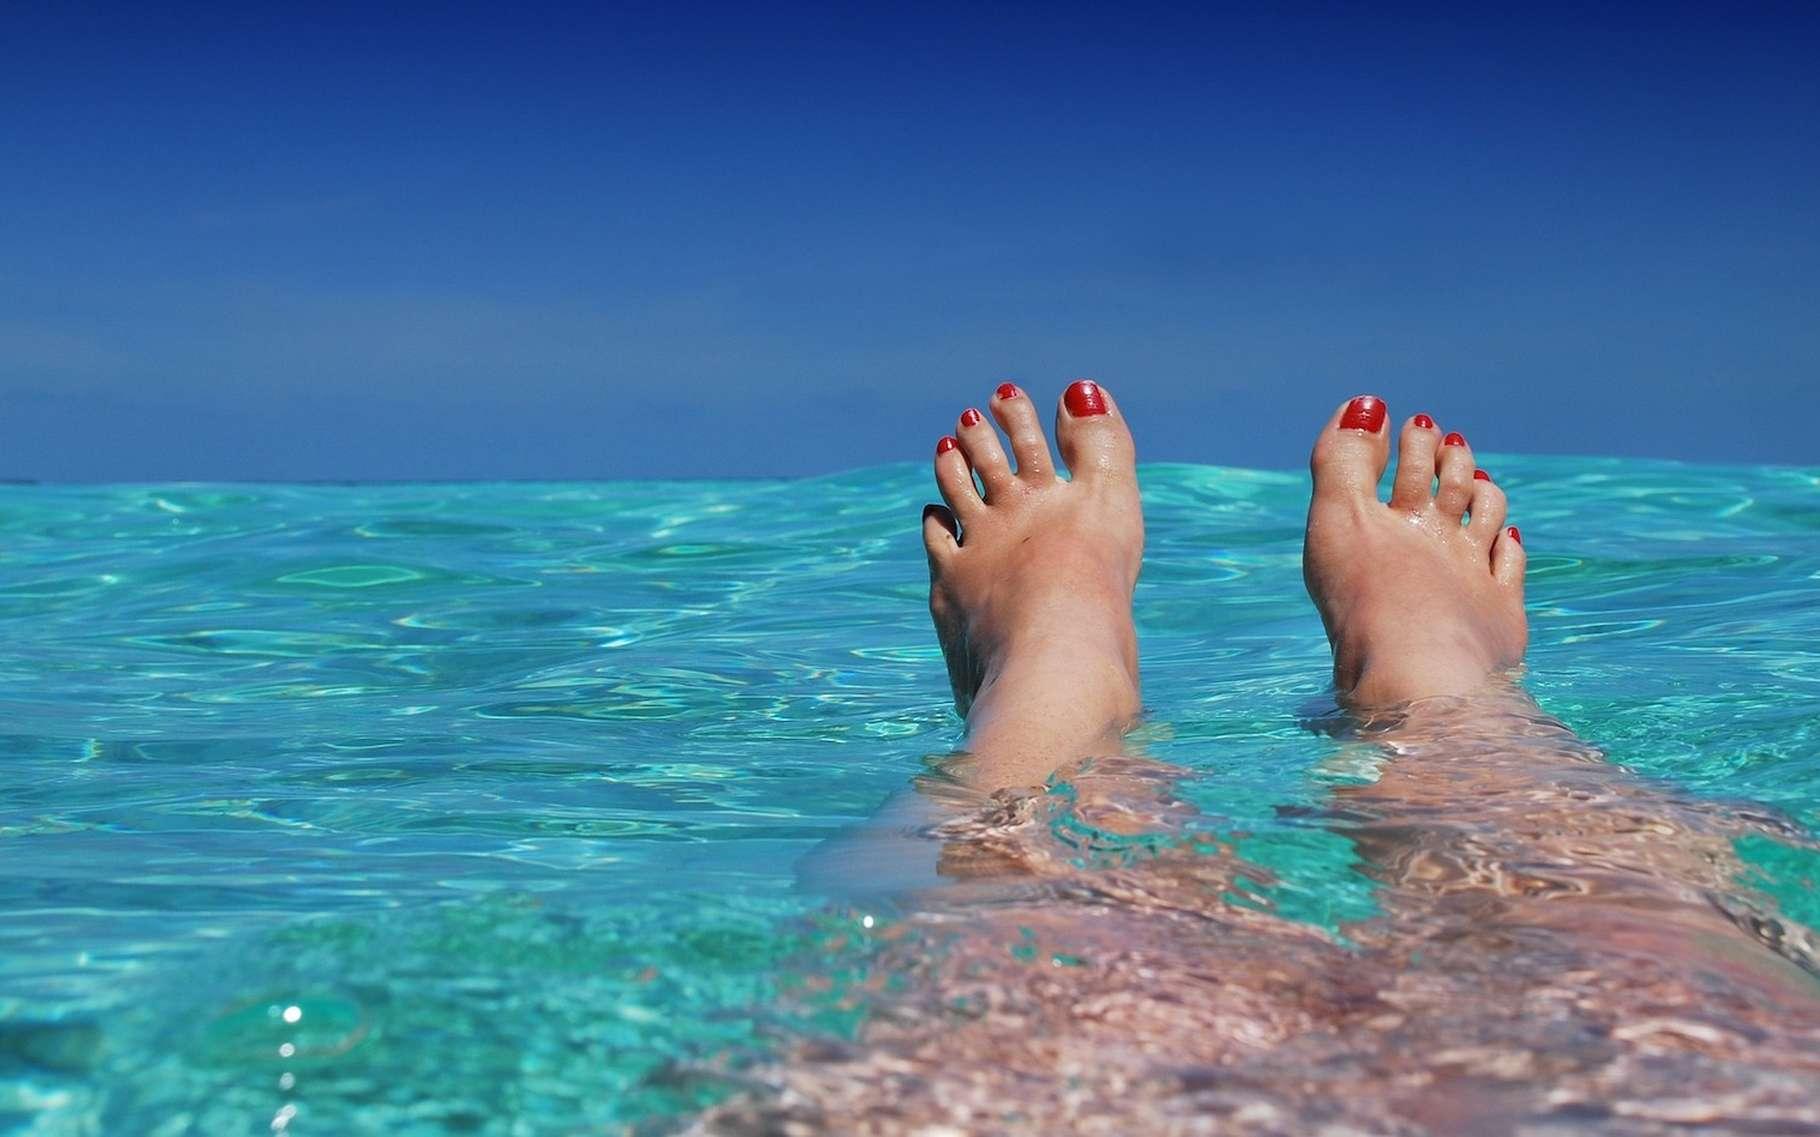 L'été est la plus chaude des quatre saisons des zones tempérées. © romaneau, Pixabay License